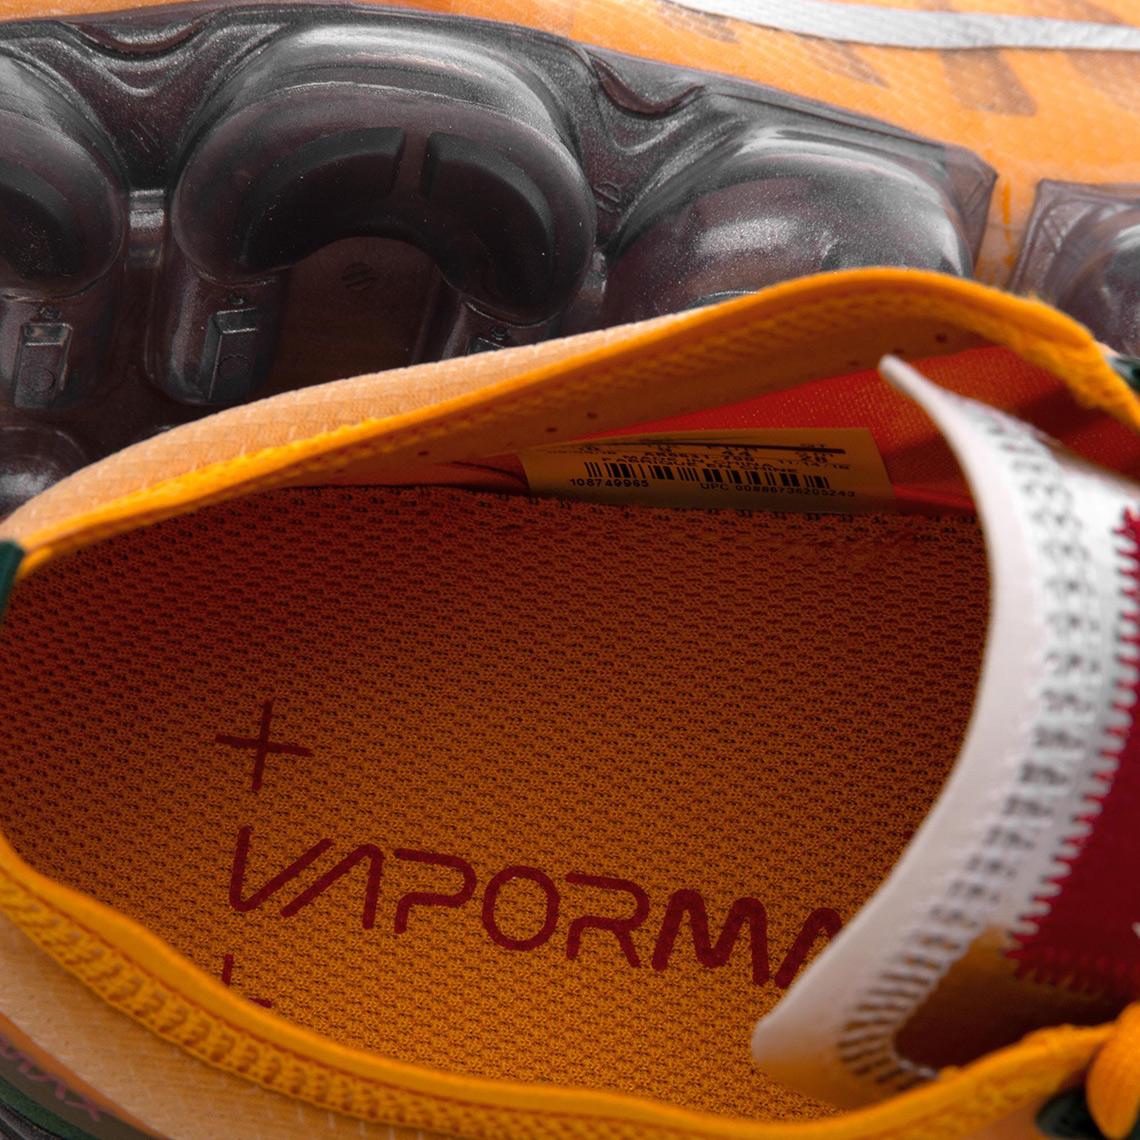 d6e68c509a5 Nike Vapormax 2019 AR6631-700 Release Info